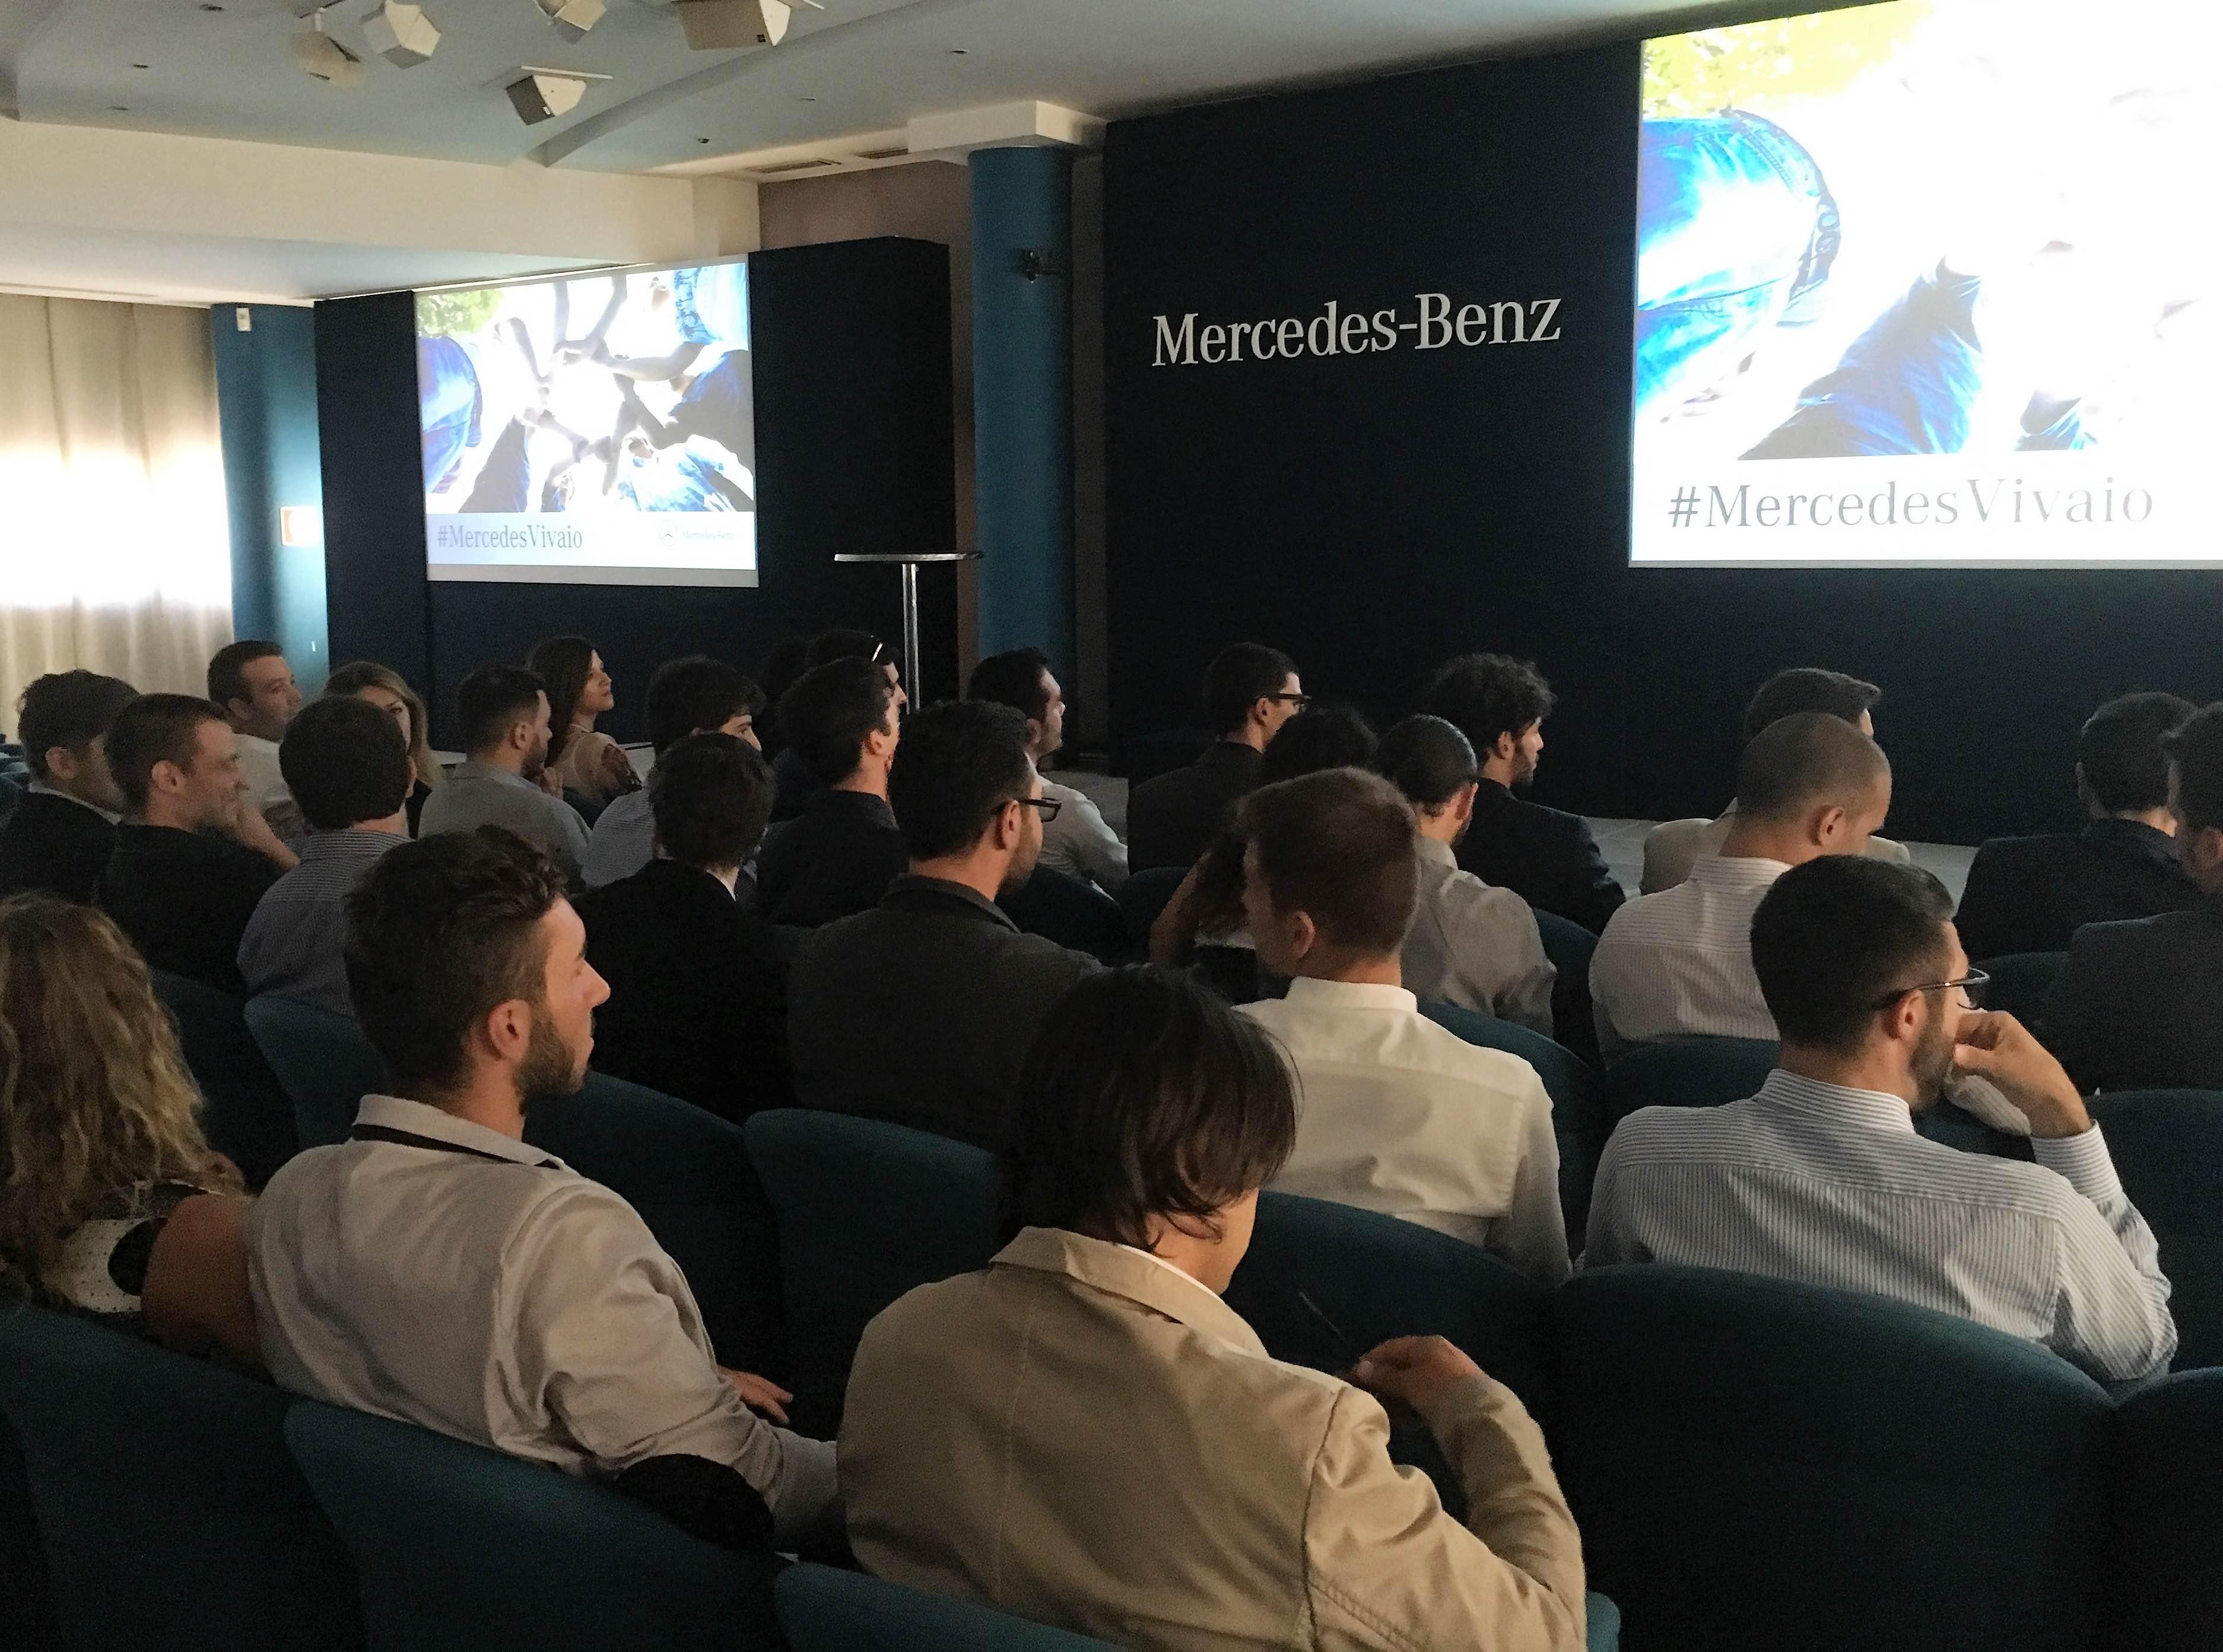 #MercedesVivaio